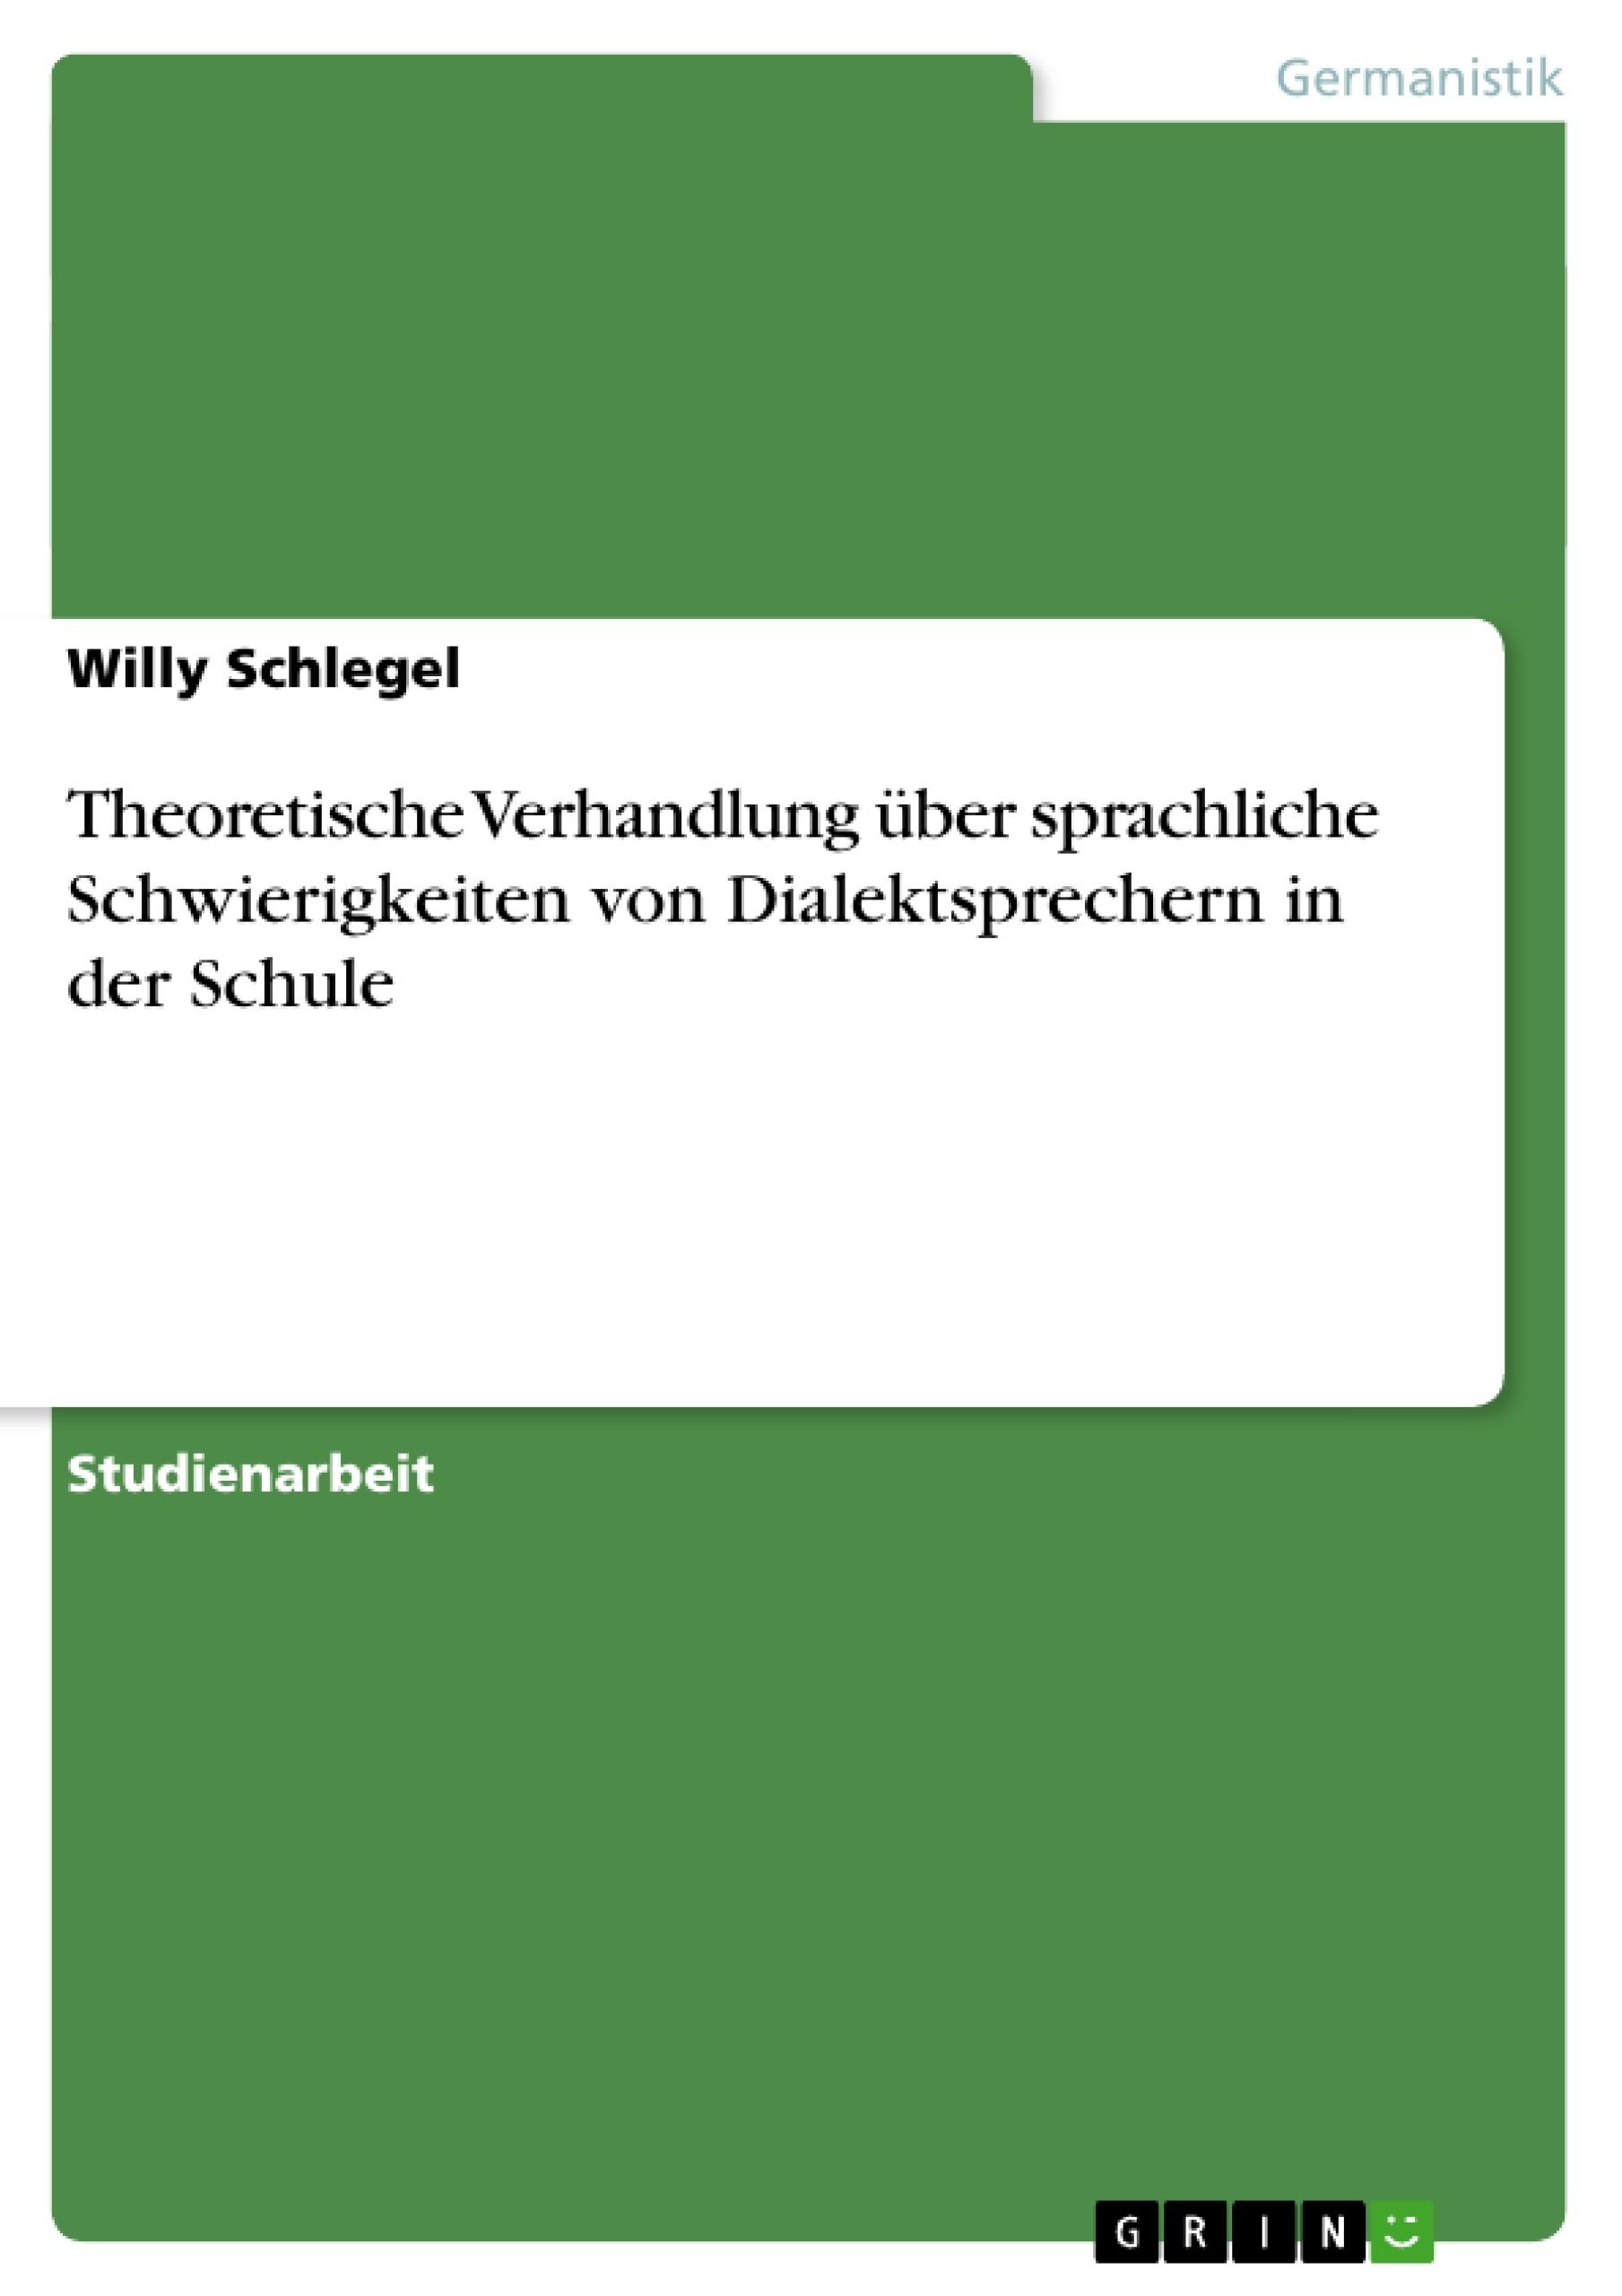 Titel: Theoretische Verhandlung über sprachliche Schwierigkeiten von Dialektsprechern in der Schule